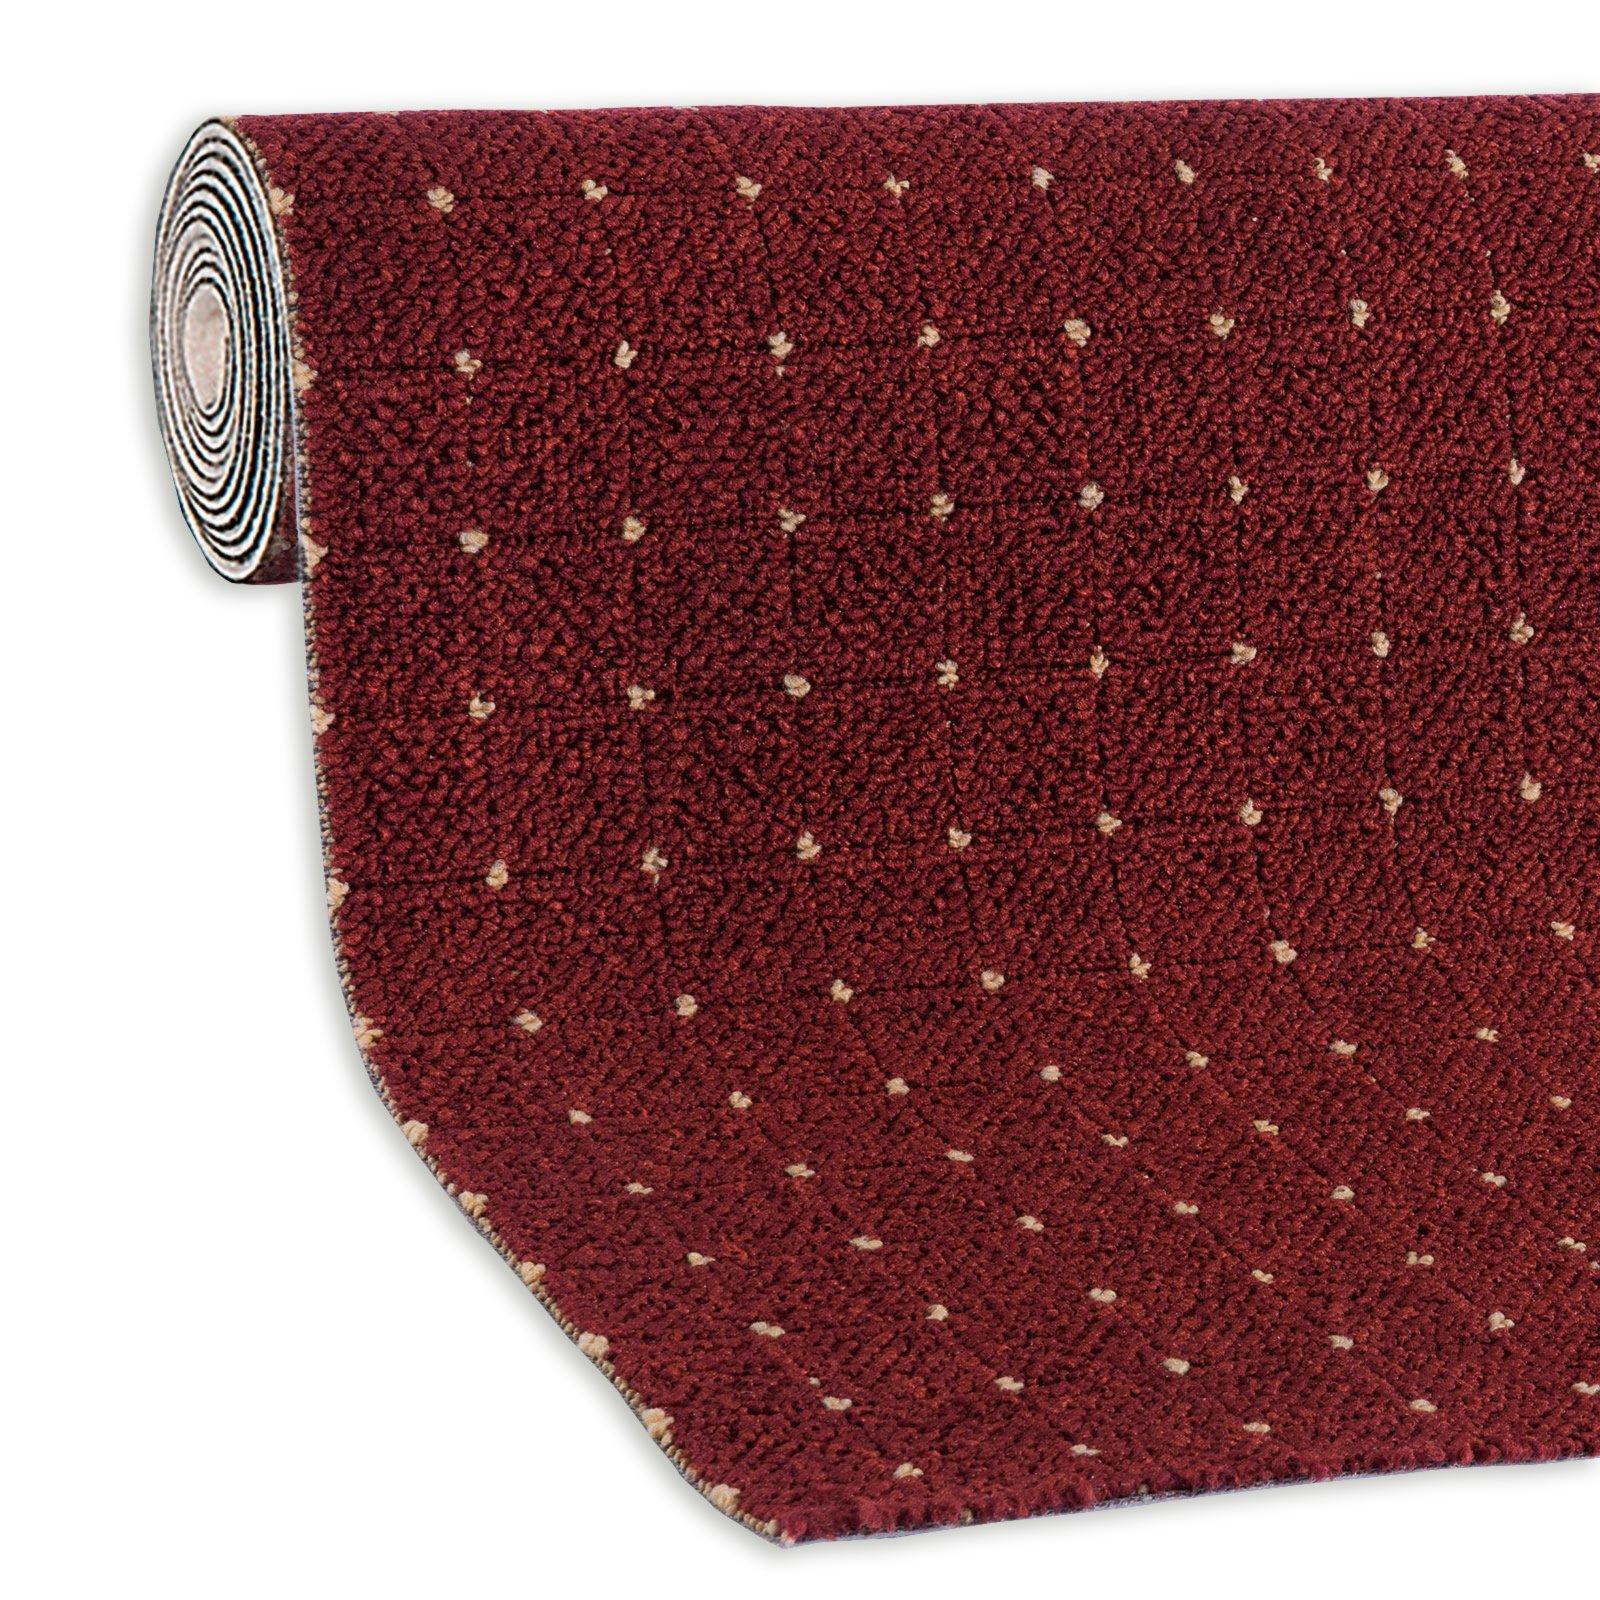 Bodenbeläge Aachen teppichboden aachen rot 5 meter breit teppichboden